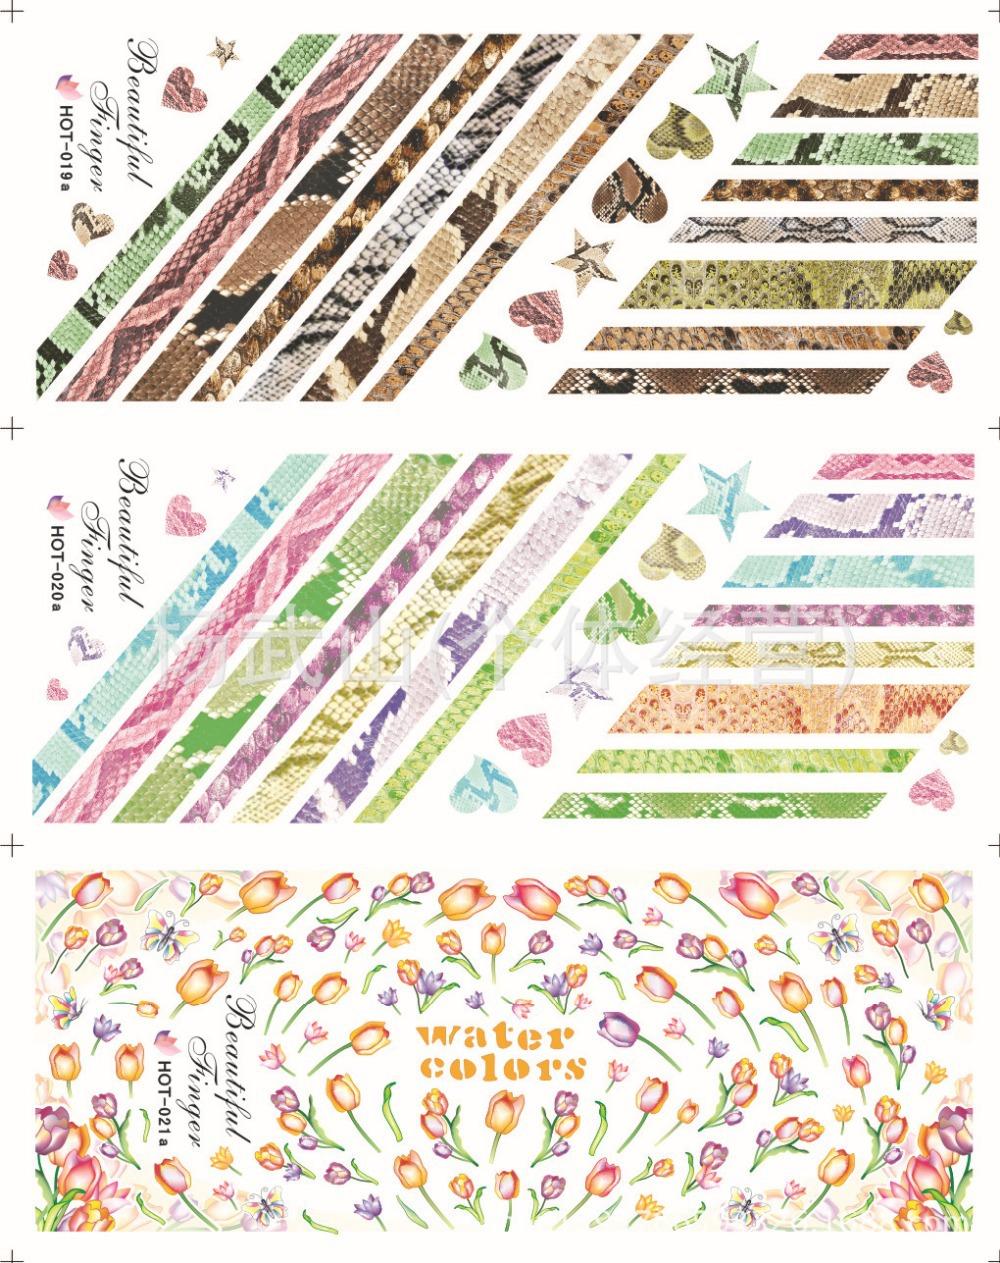 Wholesale Fashion japan style1 Sheets 3D Design cute DIY Tip Nail Art Nail Sticker Nails Decal Manicure nail tools HOT019a-021a(China (Mainland))